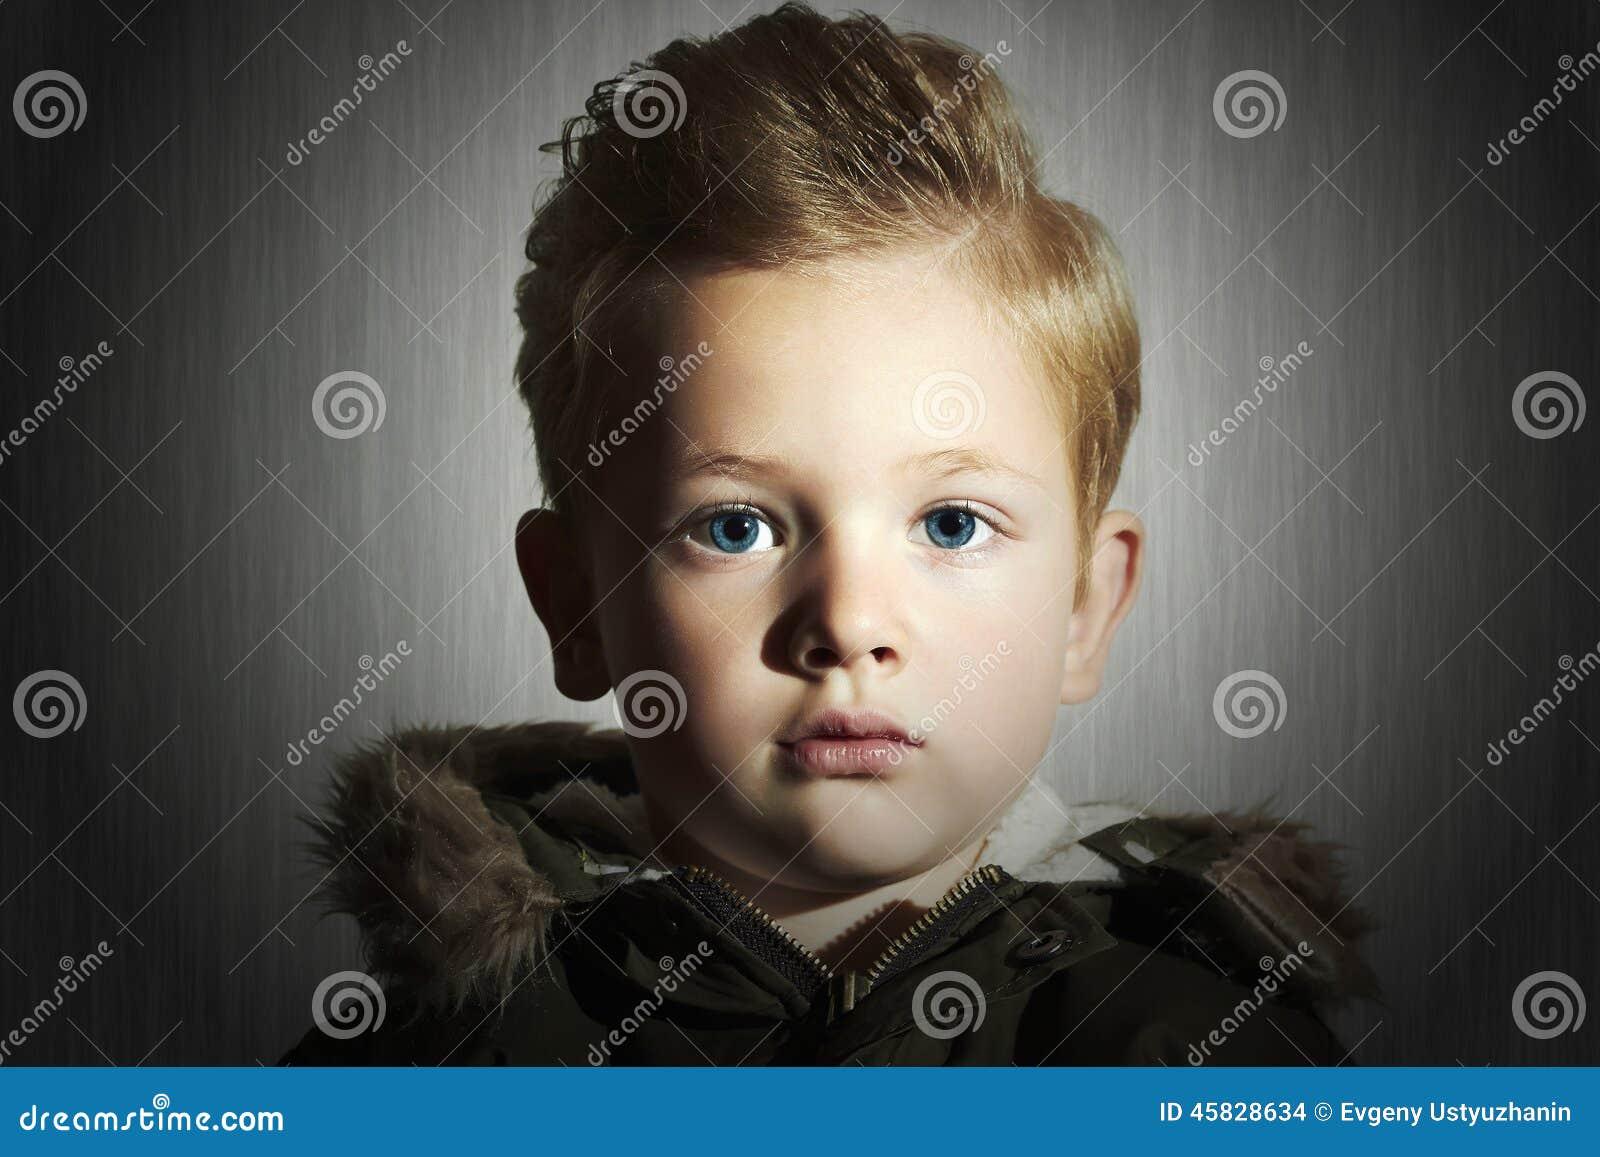 Модный ребенок в пальто зимы малыш способа Дети хаки parka стиль причёсок мальчика